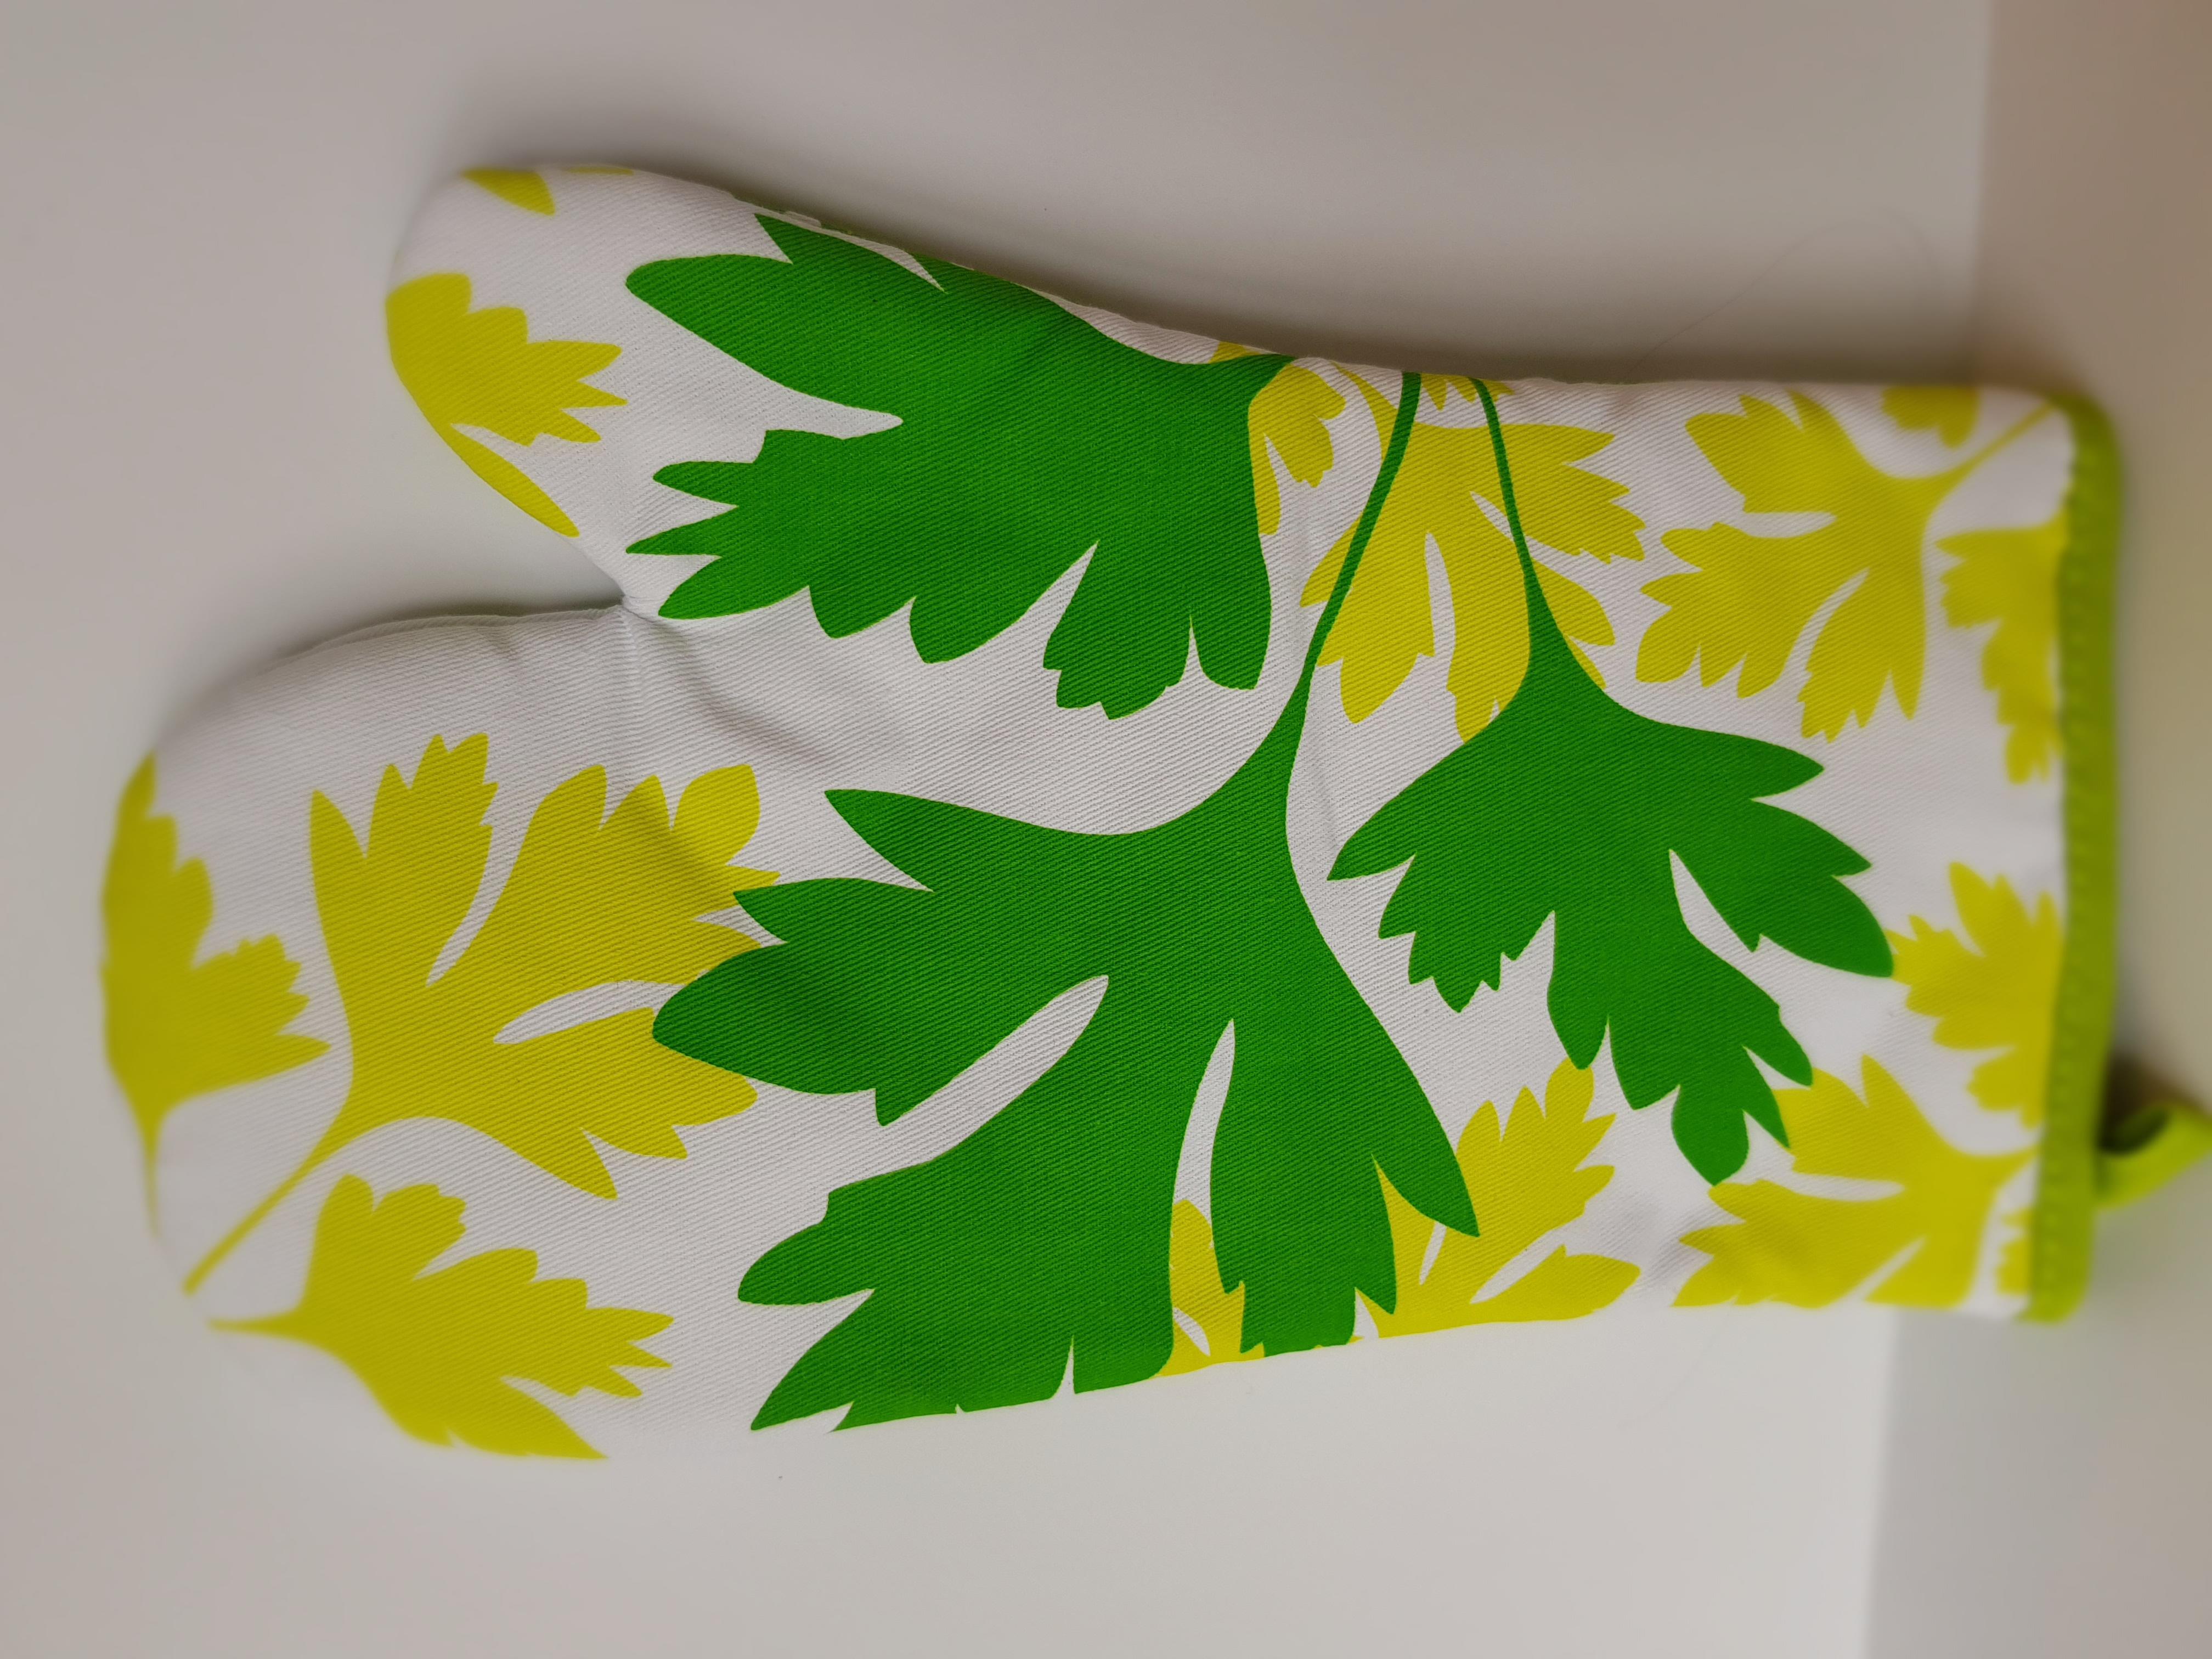 Handschuh - beidhändig verwendbar